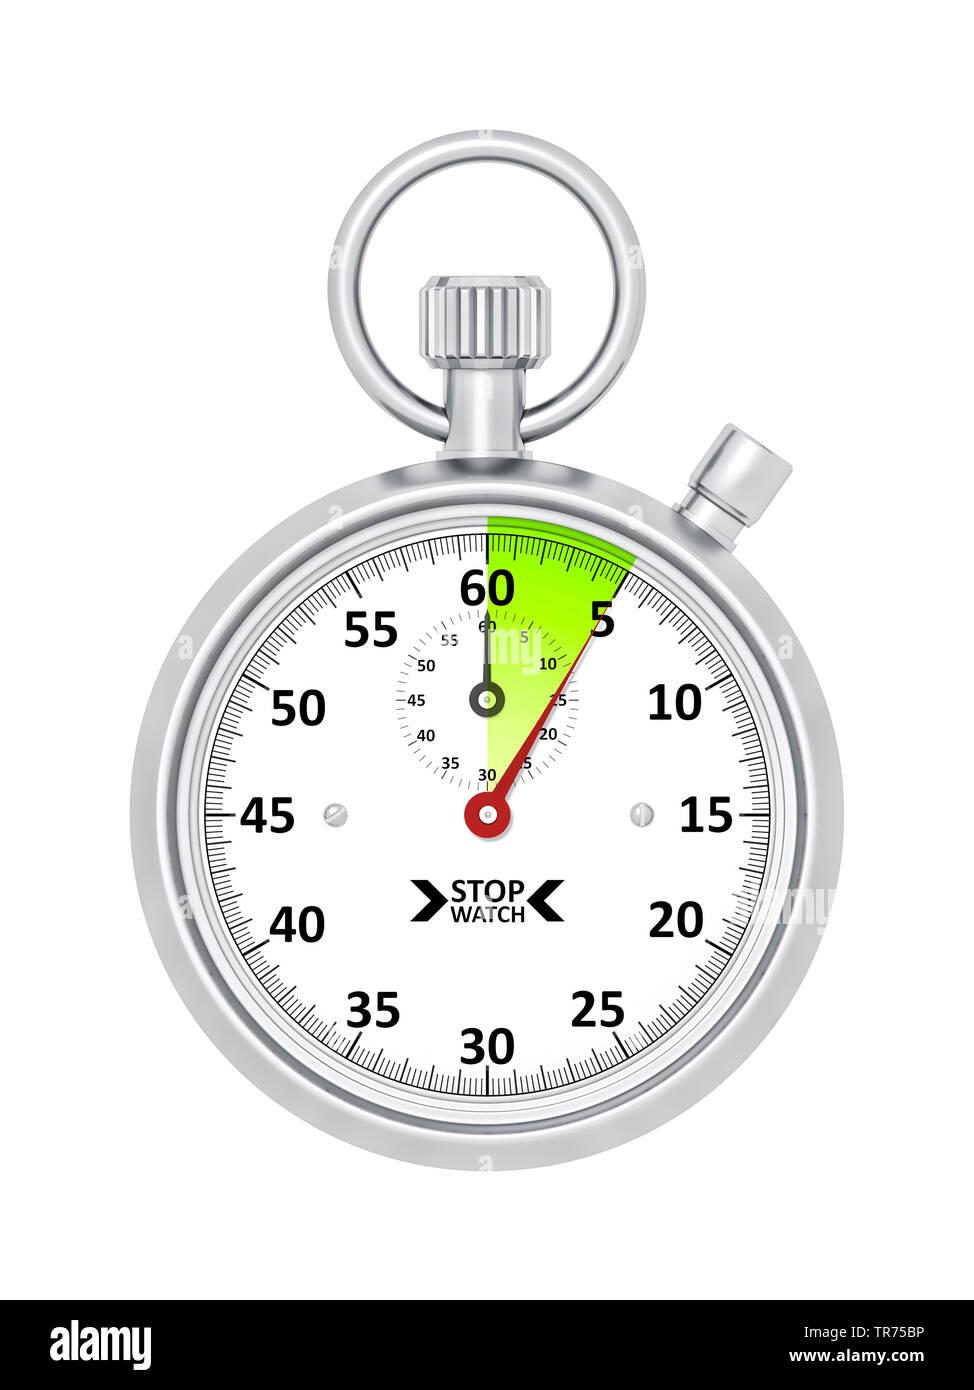 silberne Stoppuhr vor weissem Hintergrund, die etwa 5 Sekunden anzeigt | silver stopclock, cutout, 5 seconds  | BLWS498277.jpg [ (c) blickwinkel/McPHO - Stock Image